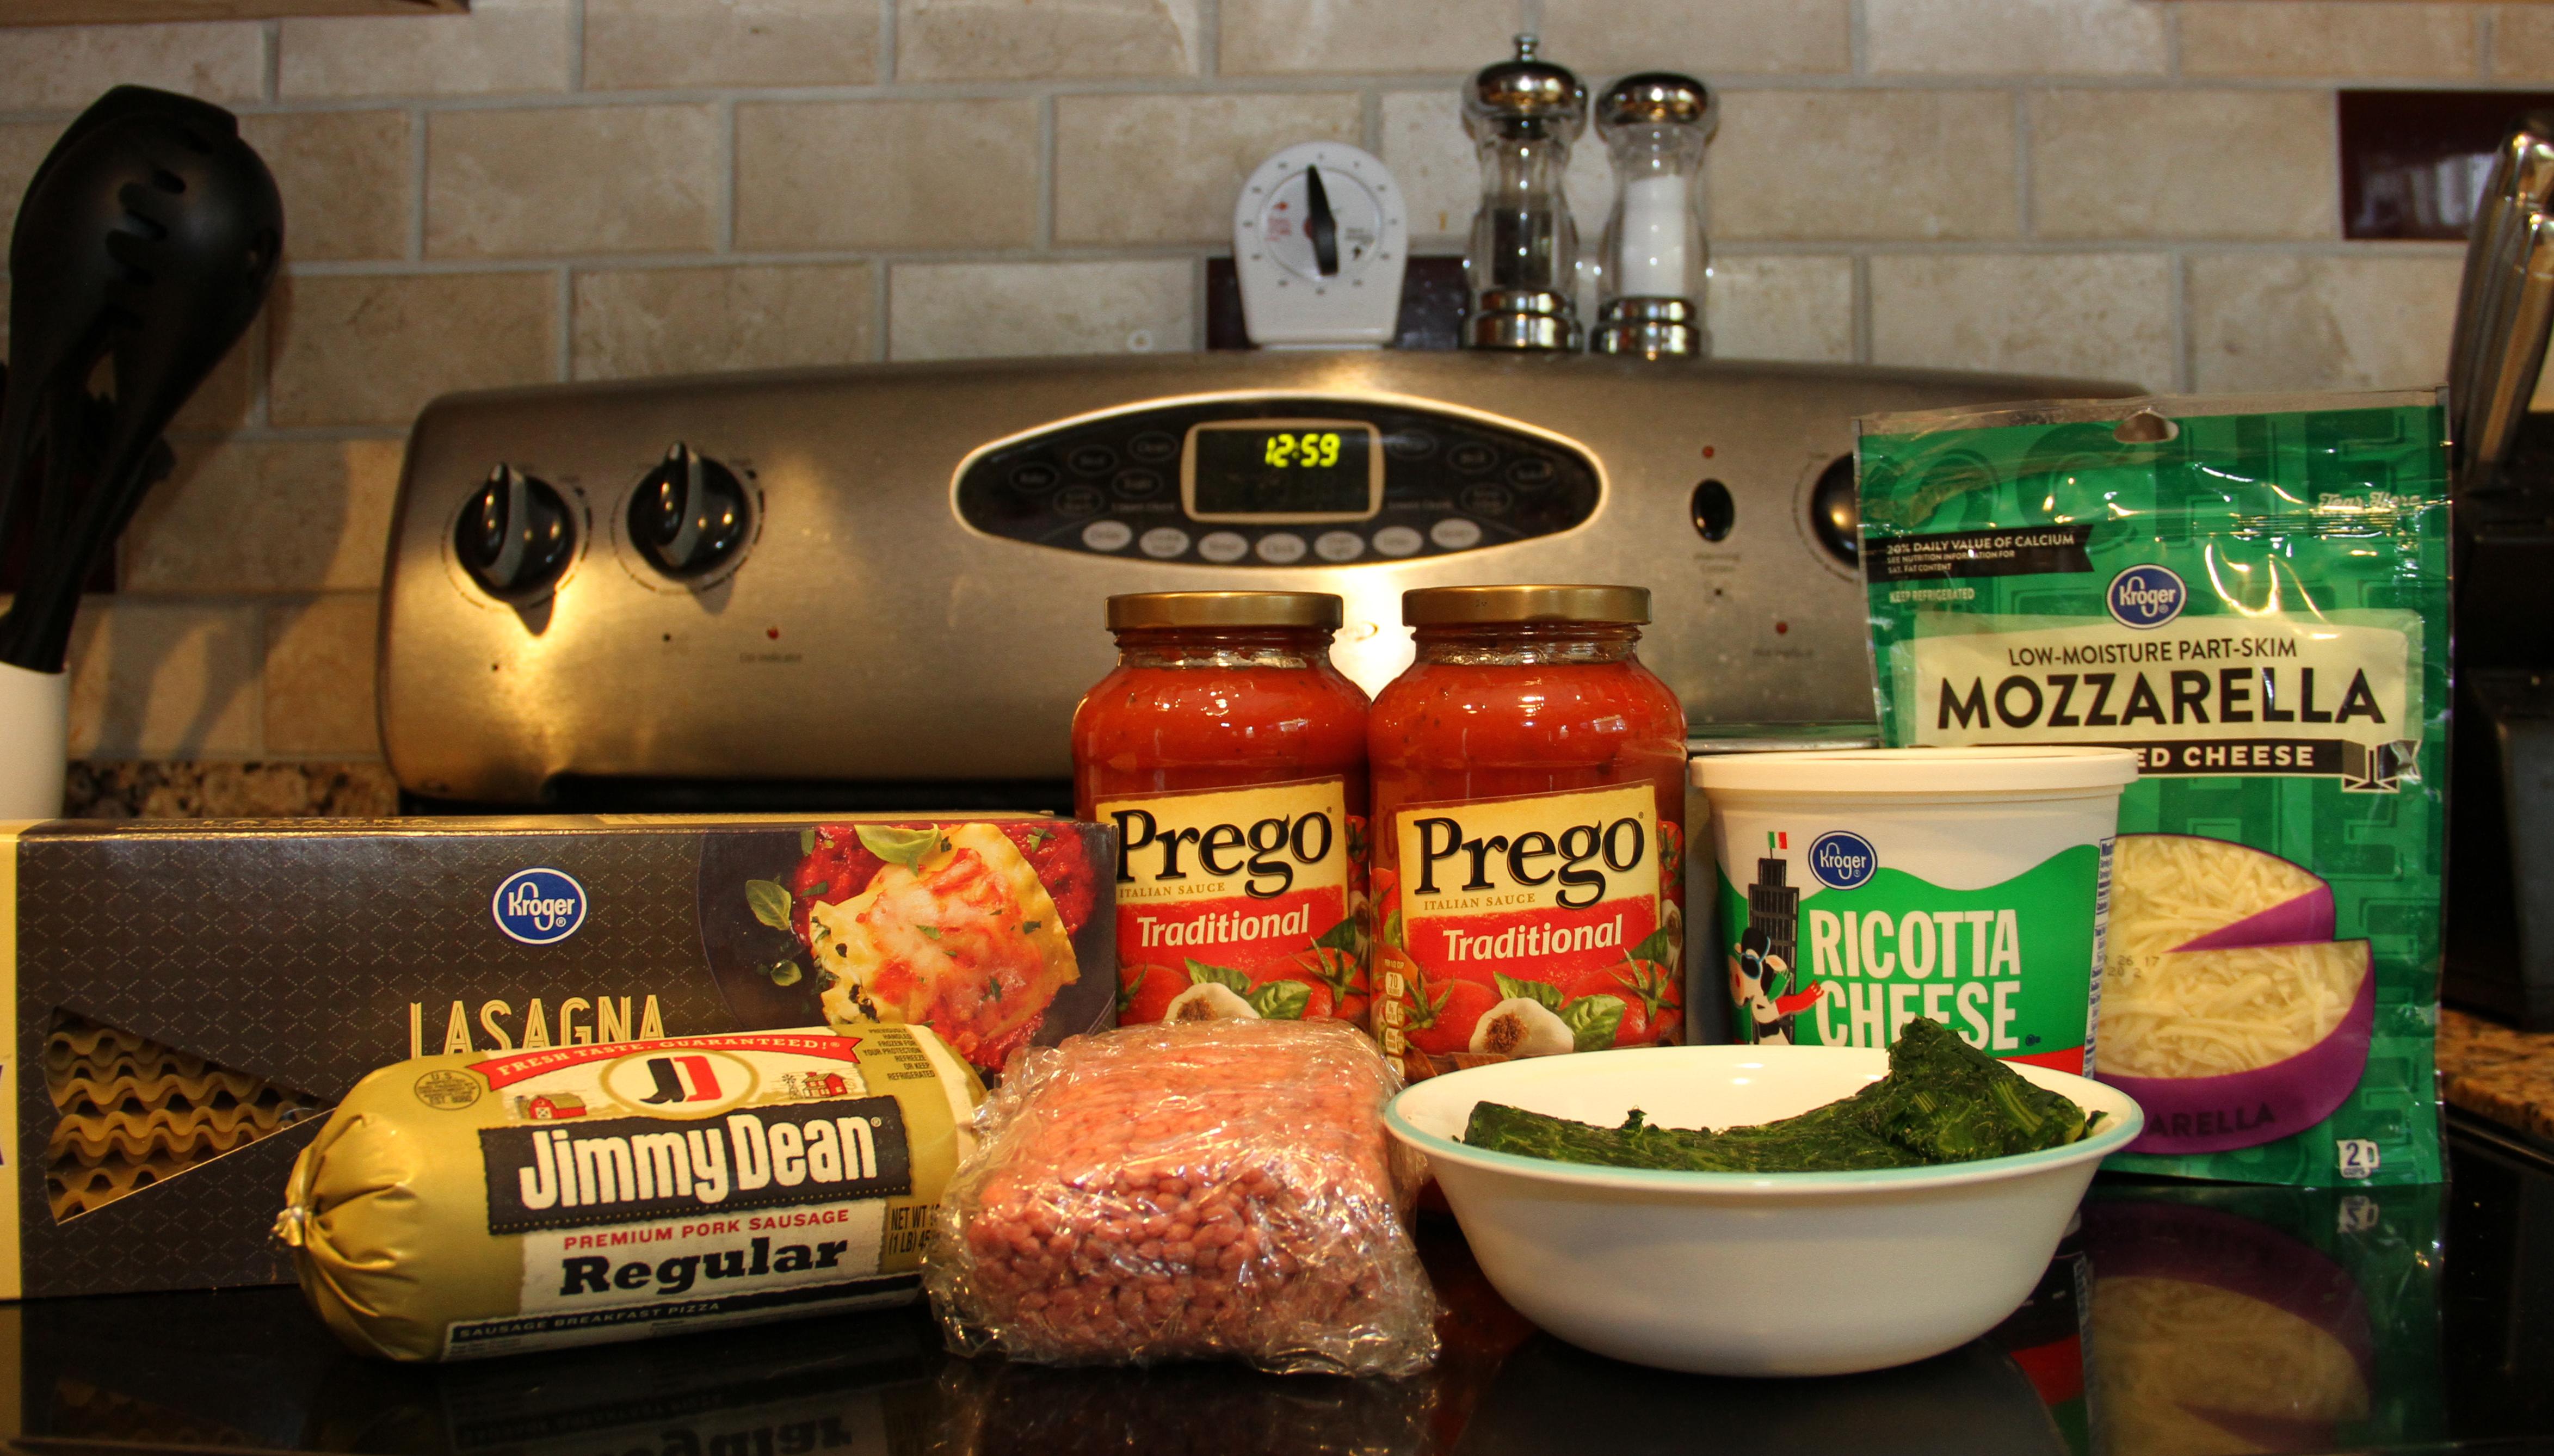 lasagna_ingredients.jpg